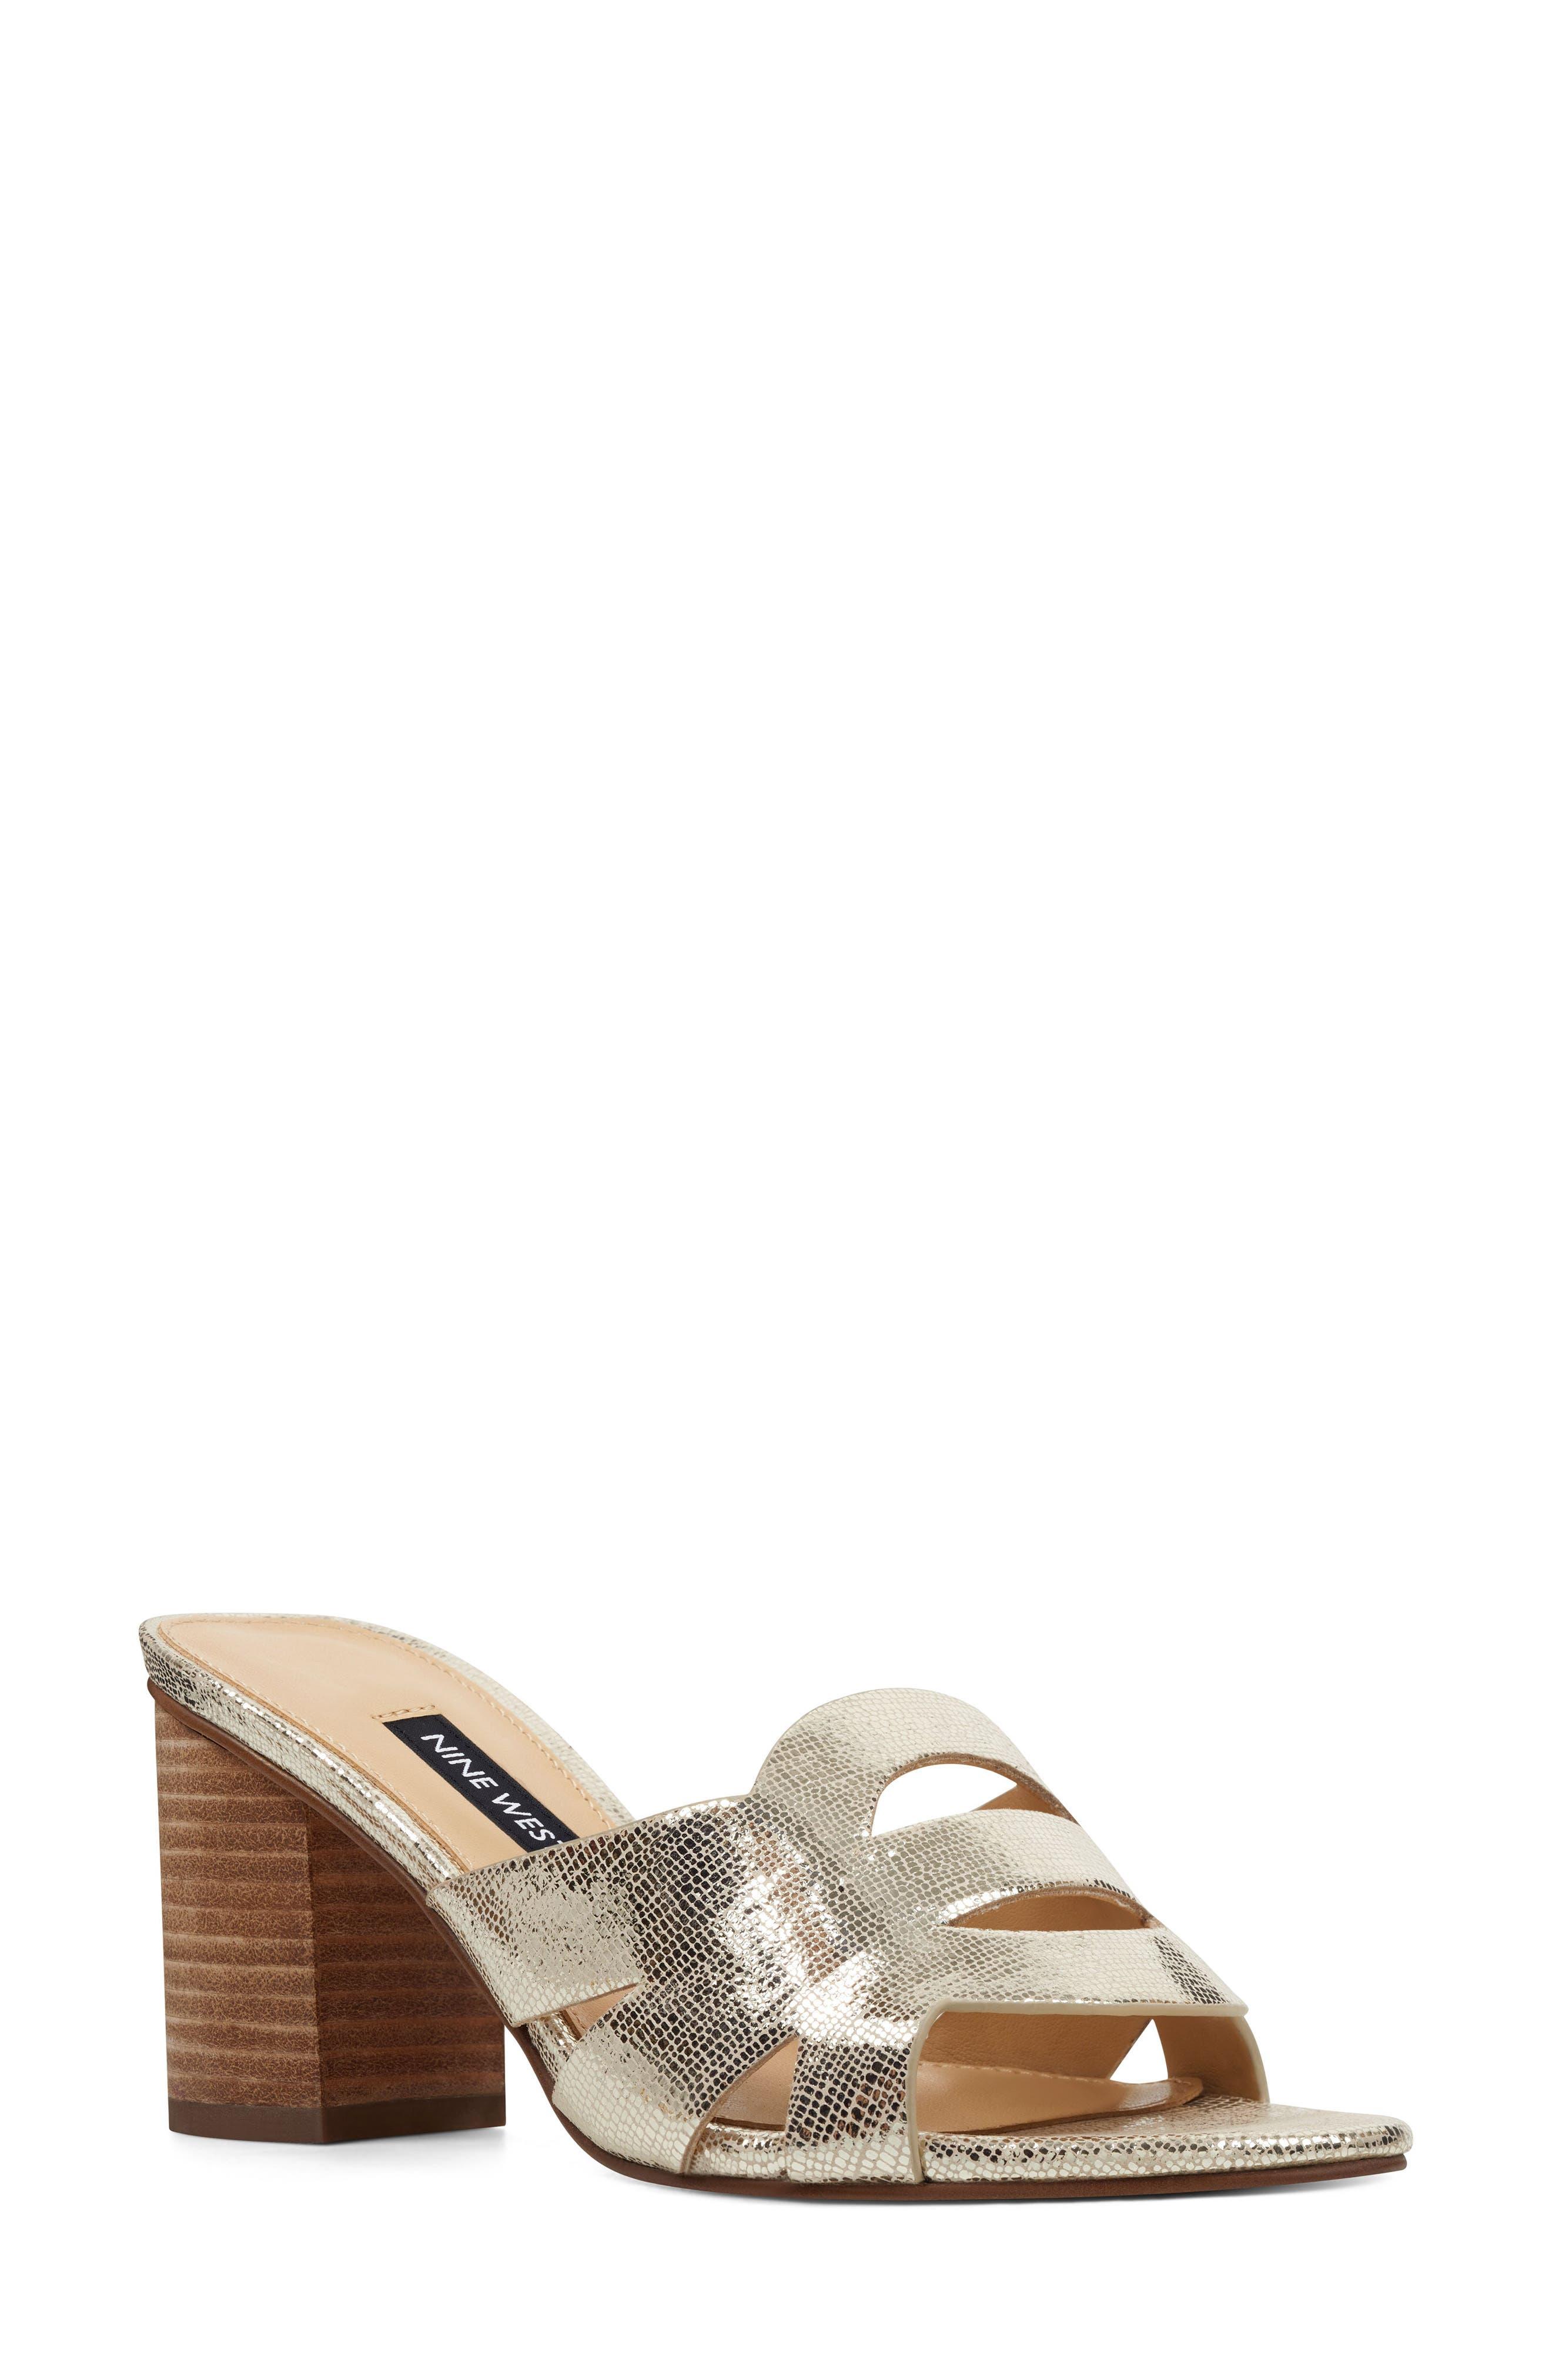 Nevaeh Cutout Slide Sandal, Main, color, PLATINUM PRINT LEATHER